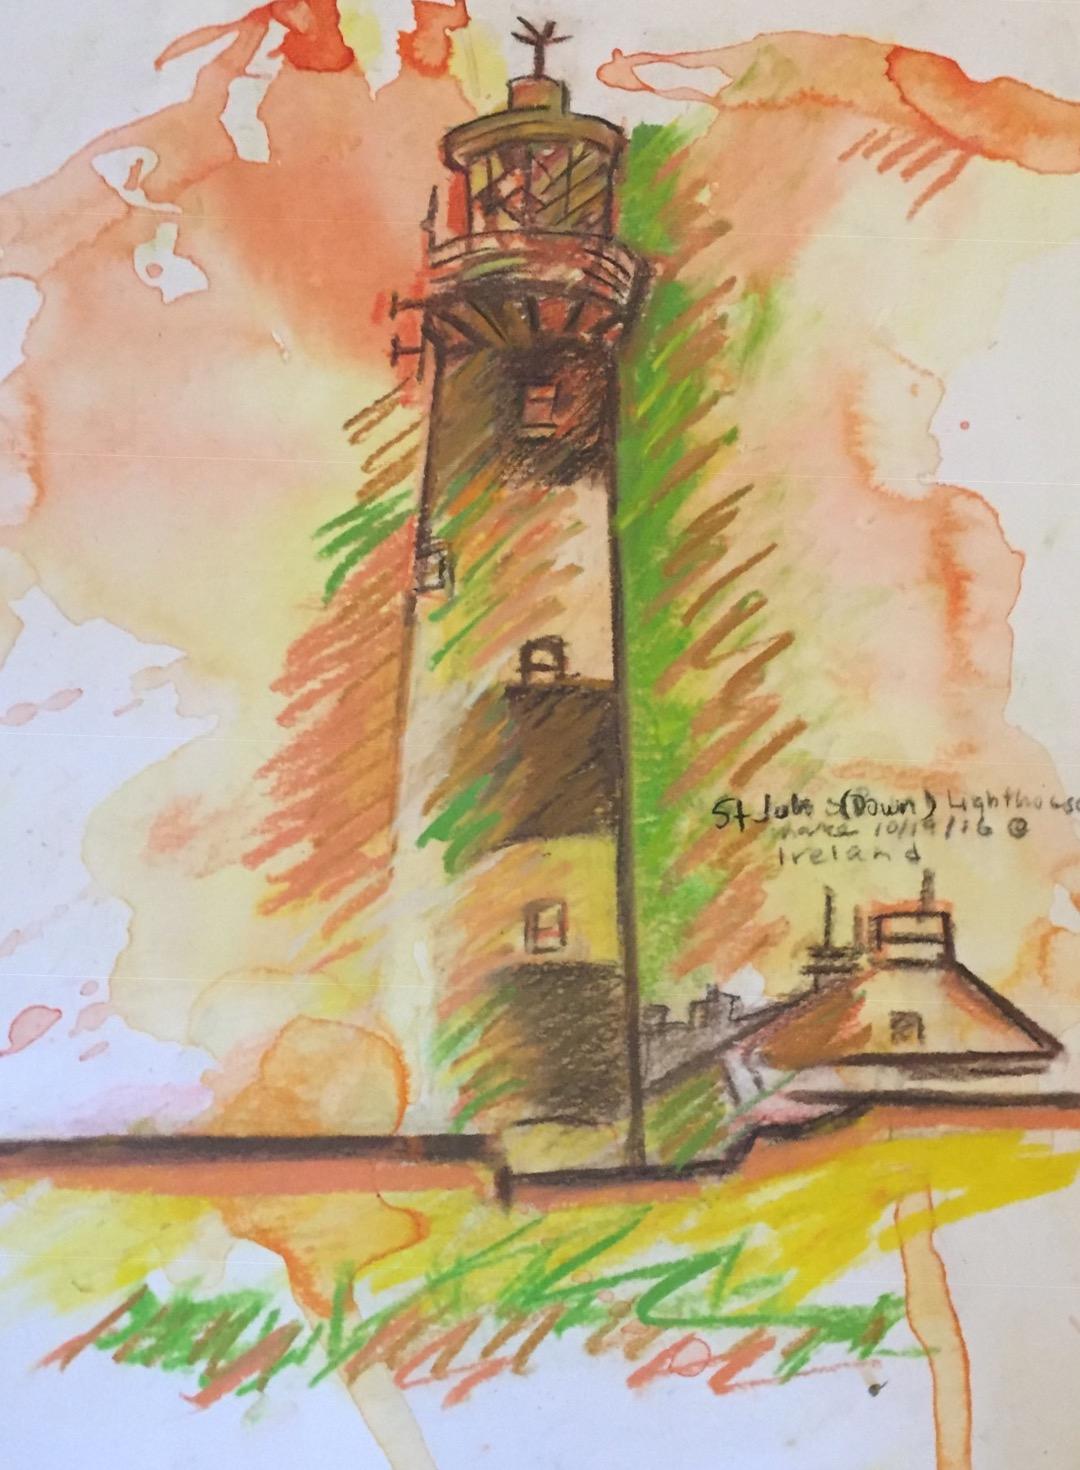 St John's Point Lighthouse, Ireland